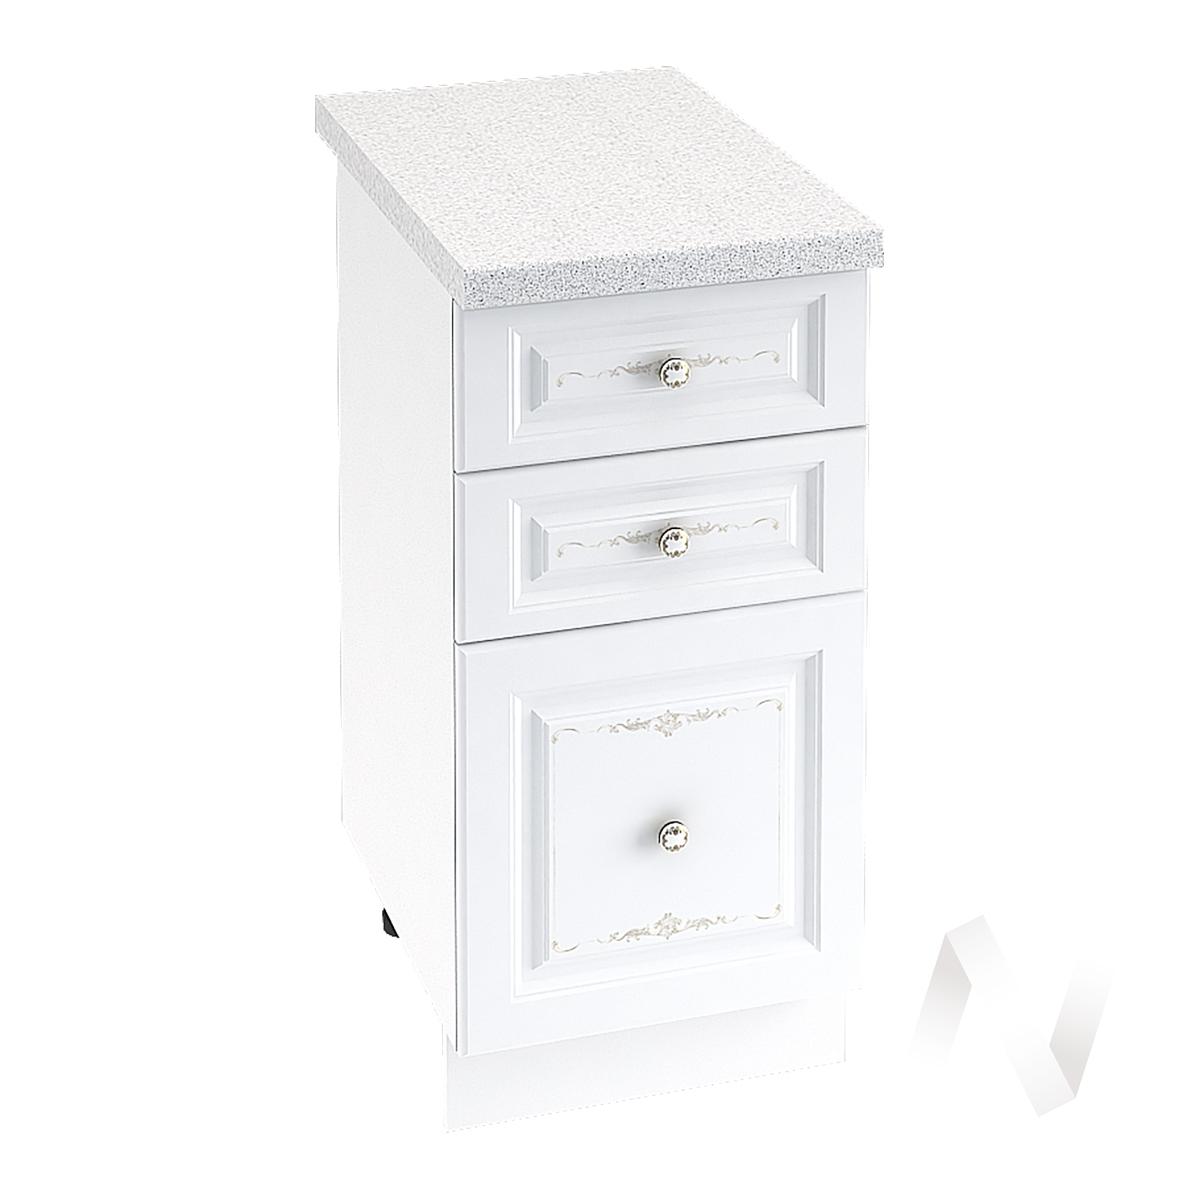 """Кухня """"Шарлиз"""": Шкаф нижний с 3-мя ящиками 400, ШН3Я 400 (корпус белый)"""